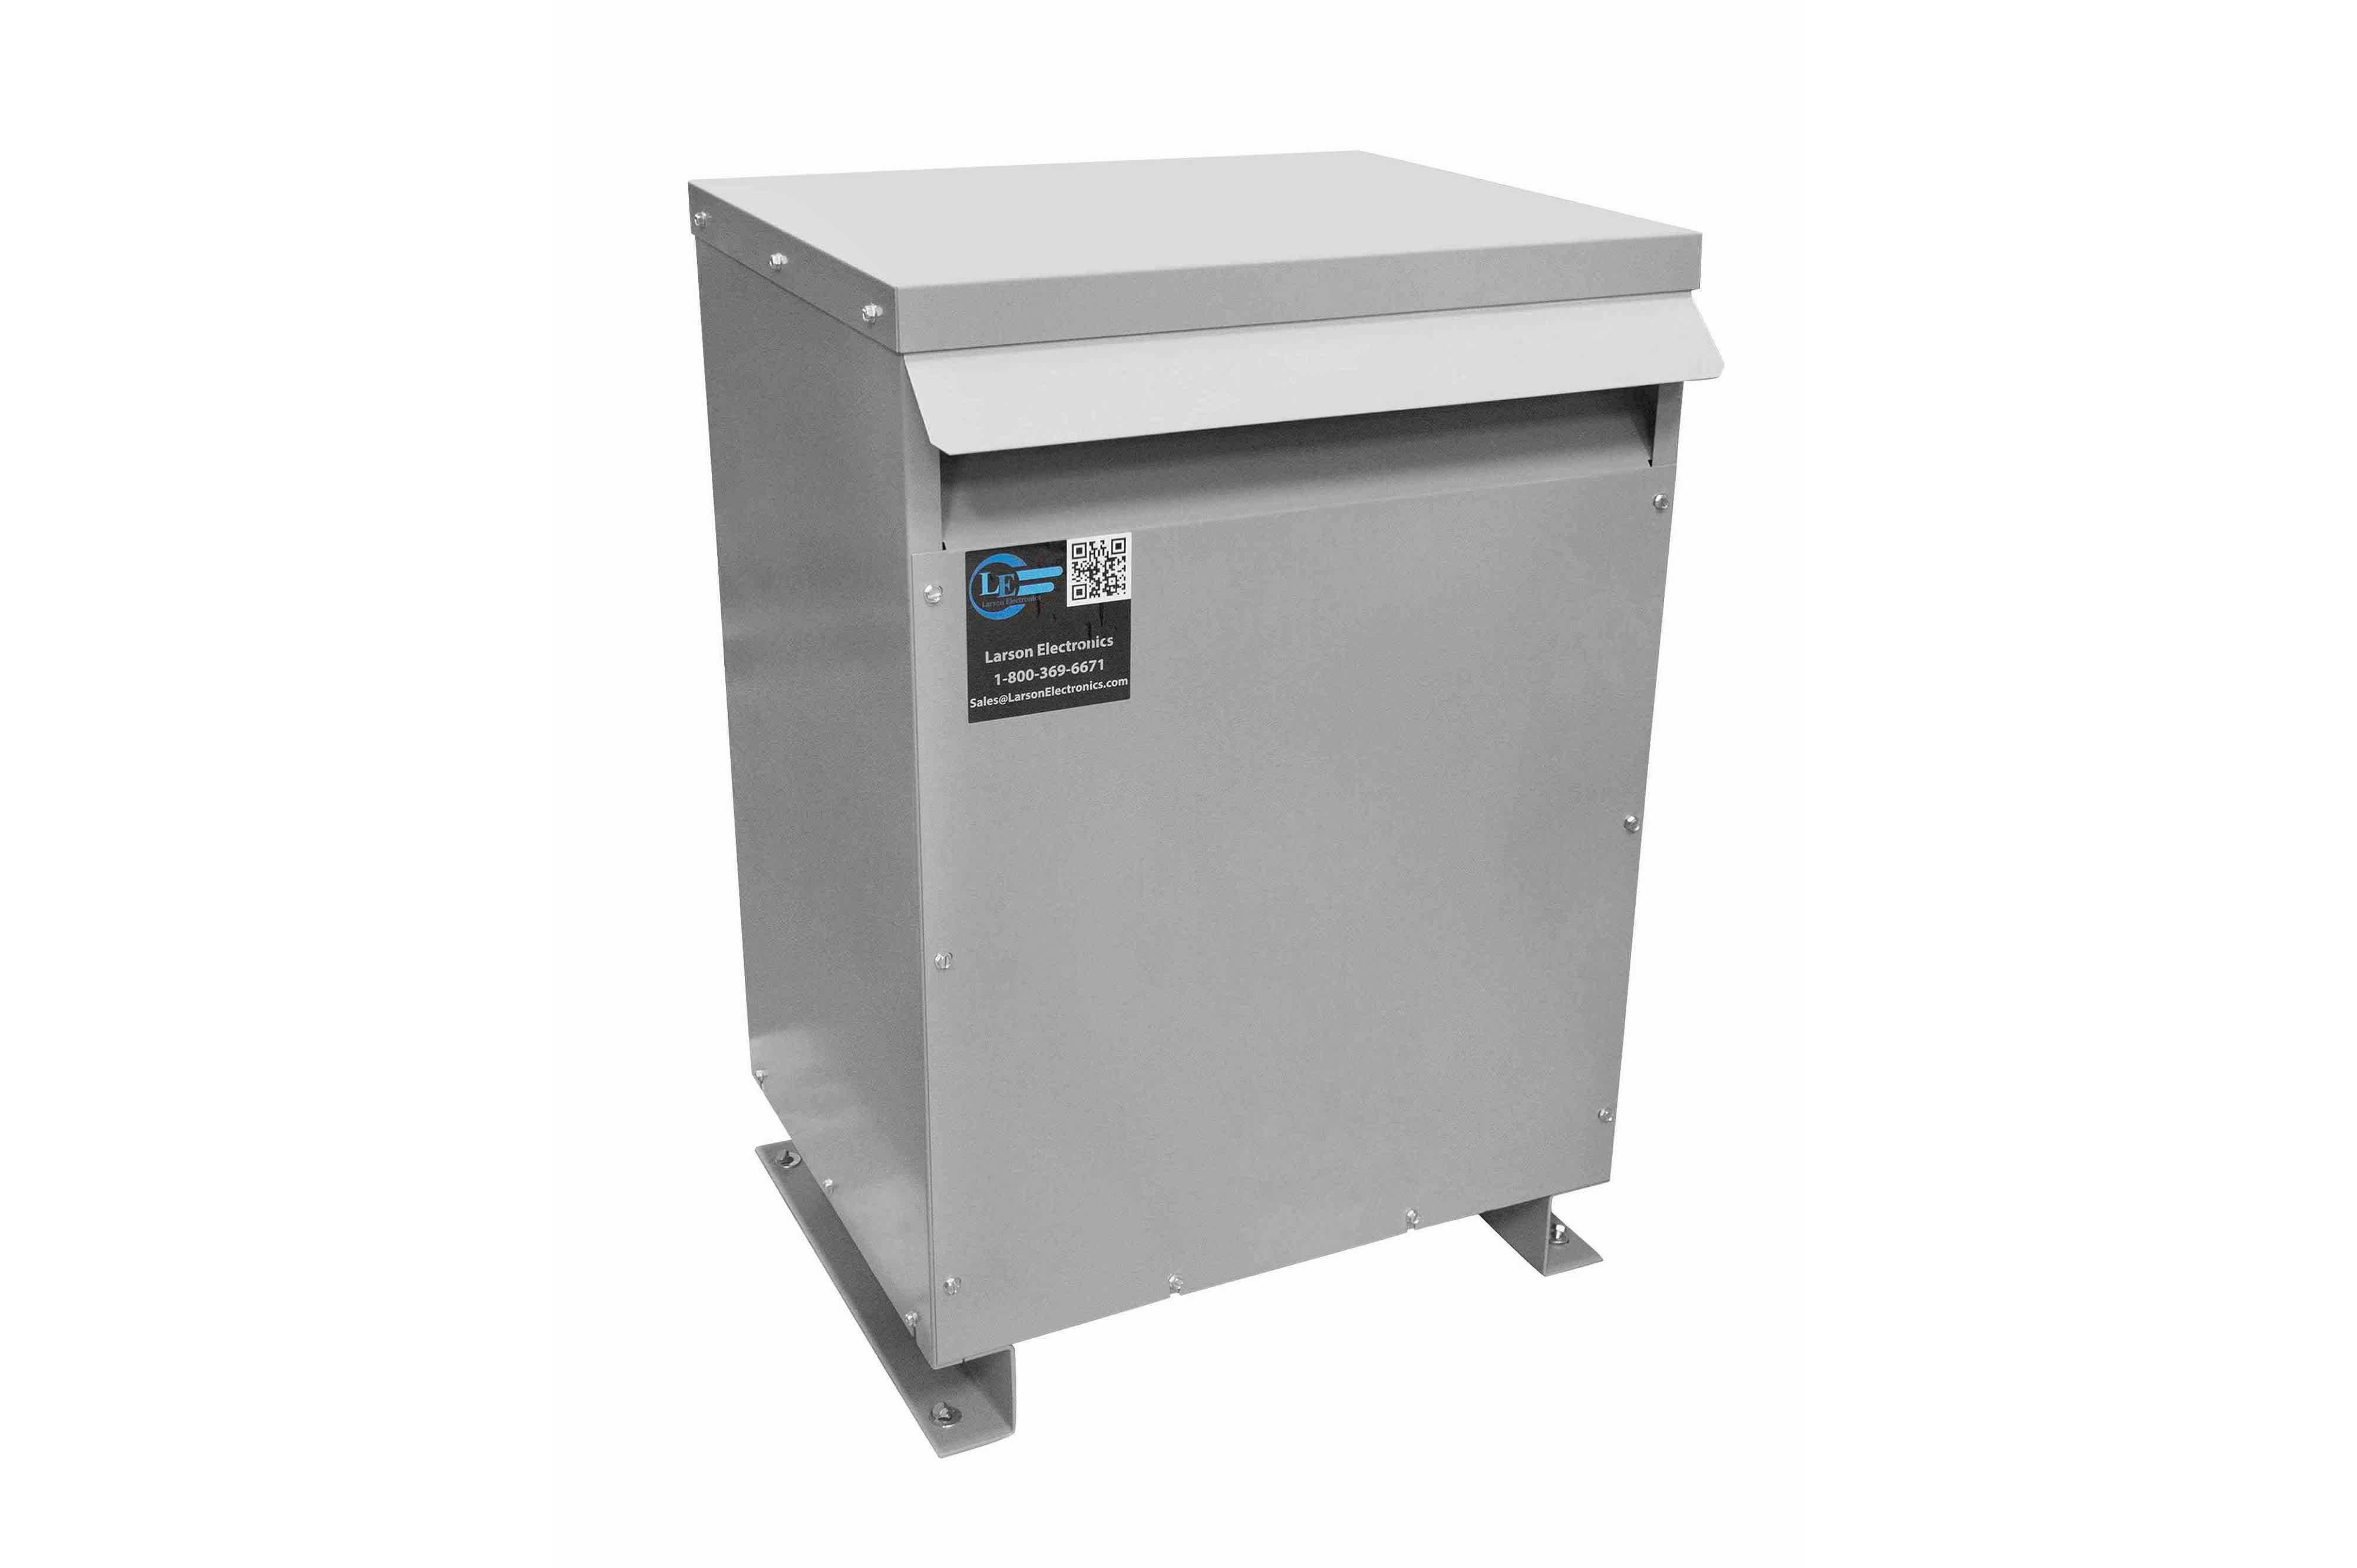 700 kVA 3PH Isolation Transformer, 230V Delta Primary, 480V Delta Secondary, N3R, Ventilated, 60 Hz